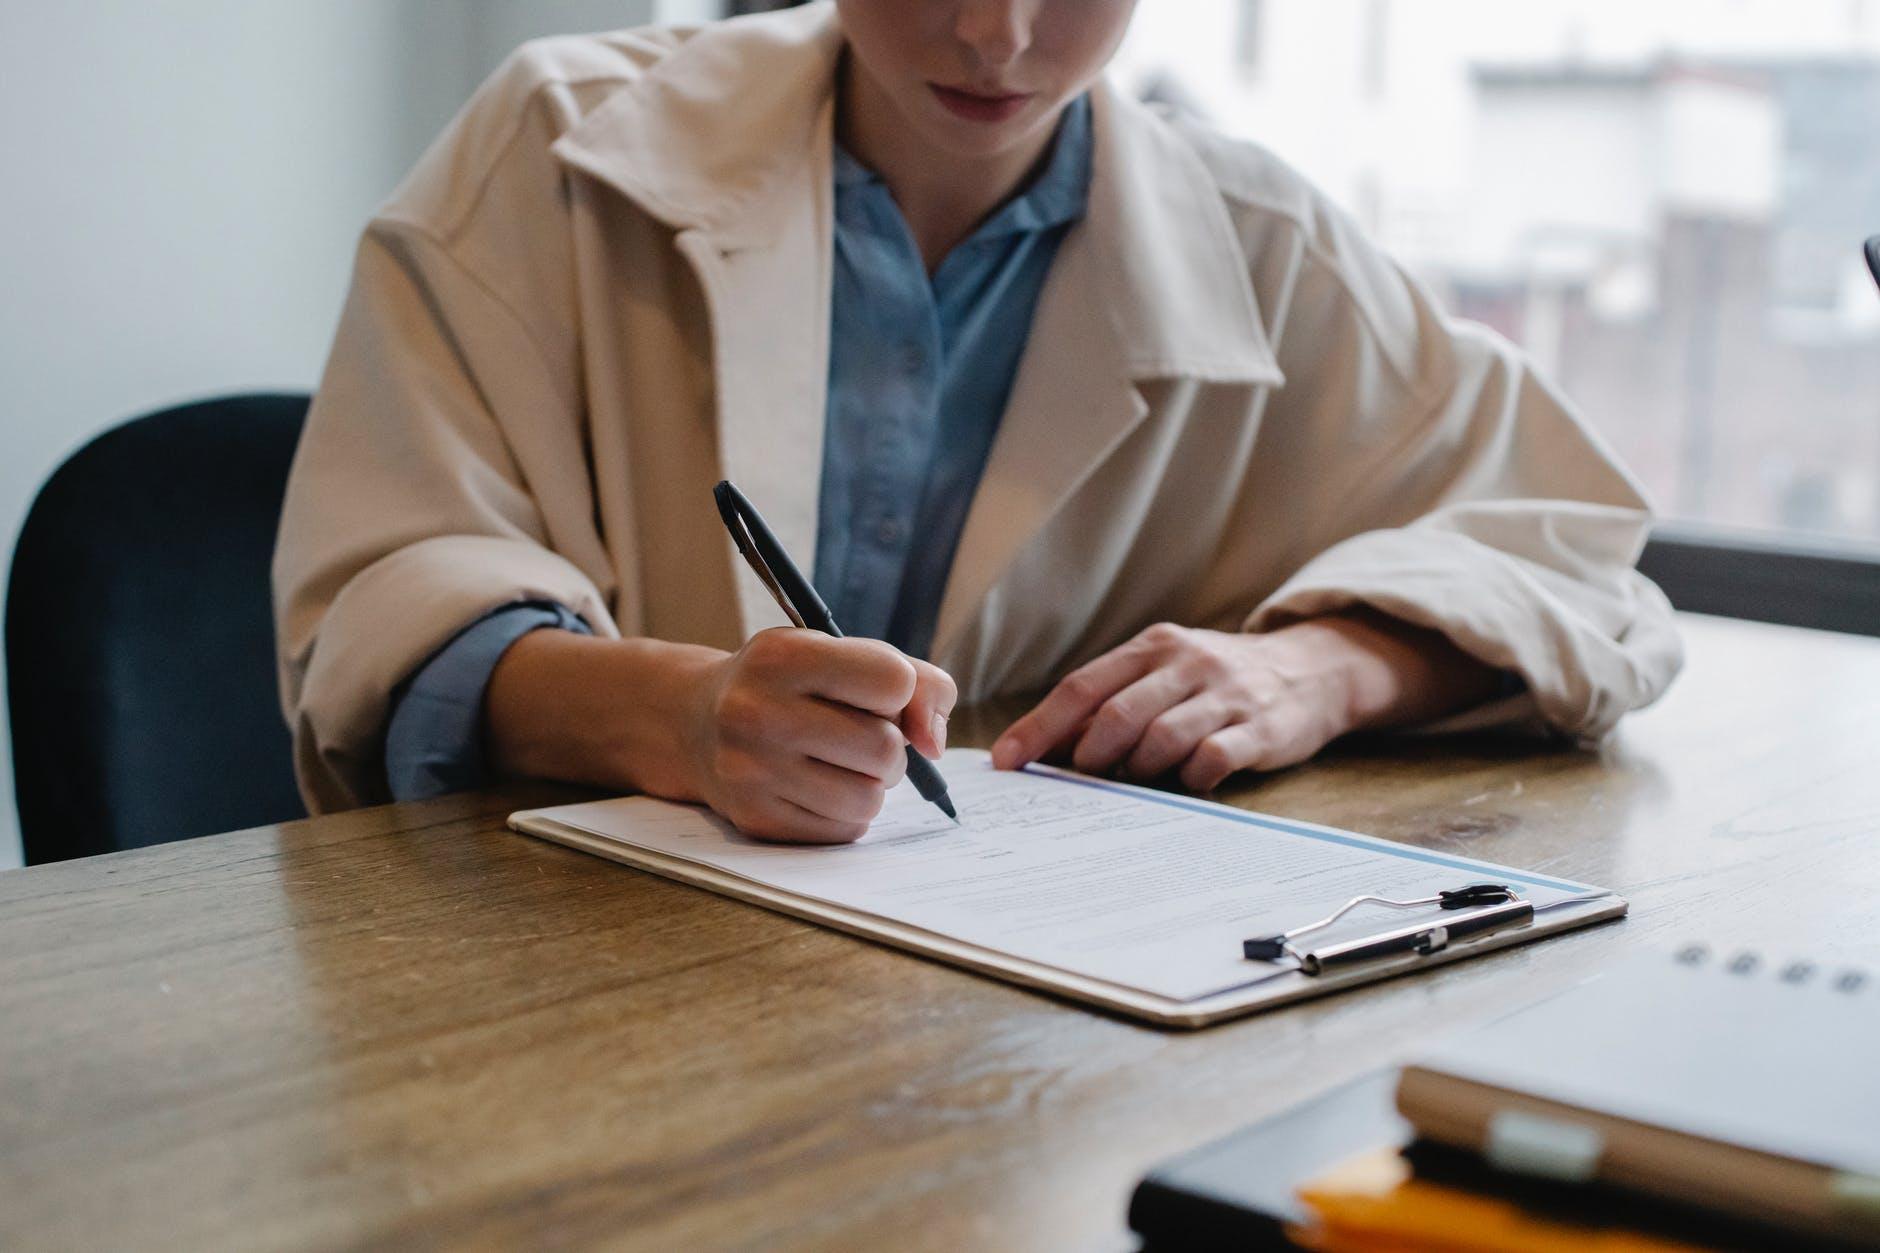 mulher jovem preenchendo documento em planilha.